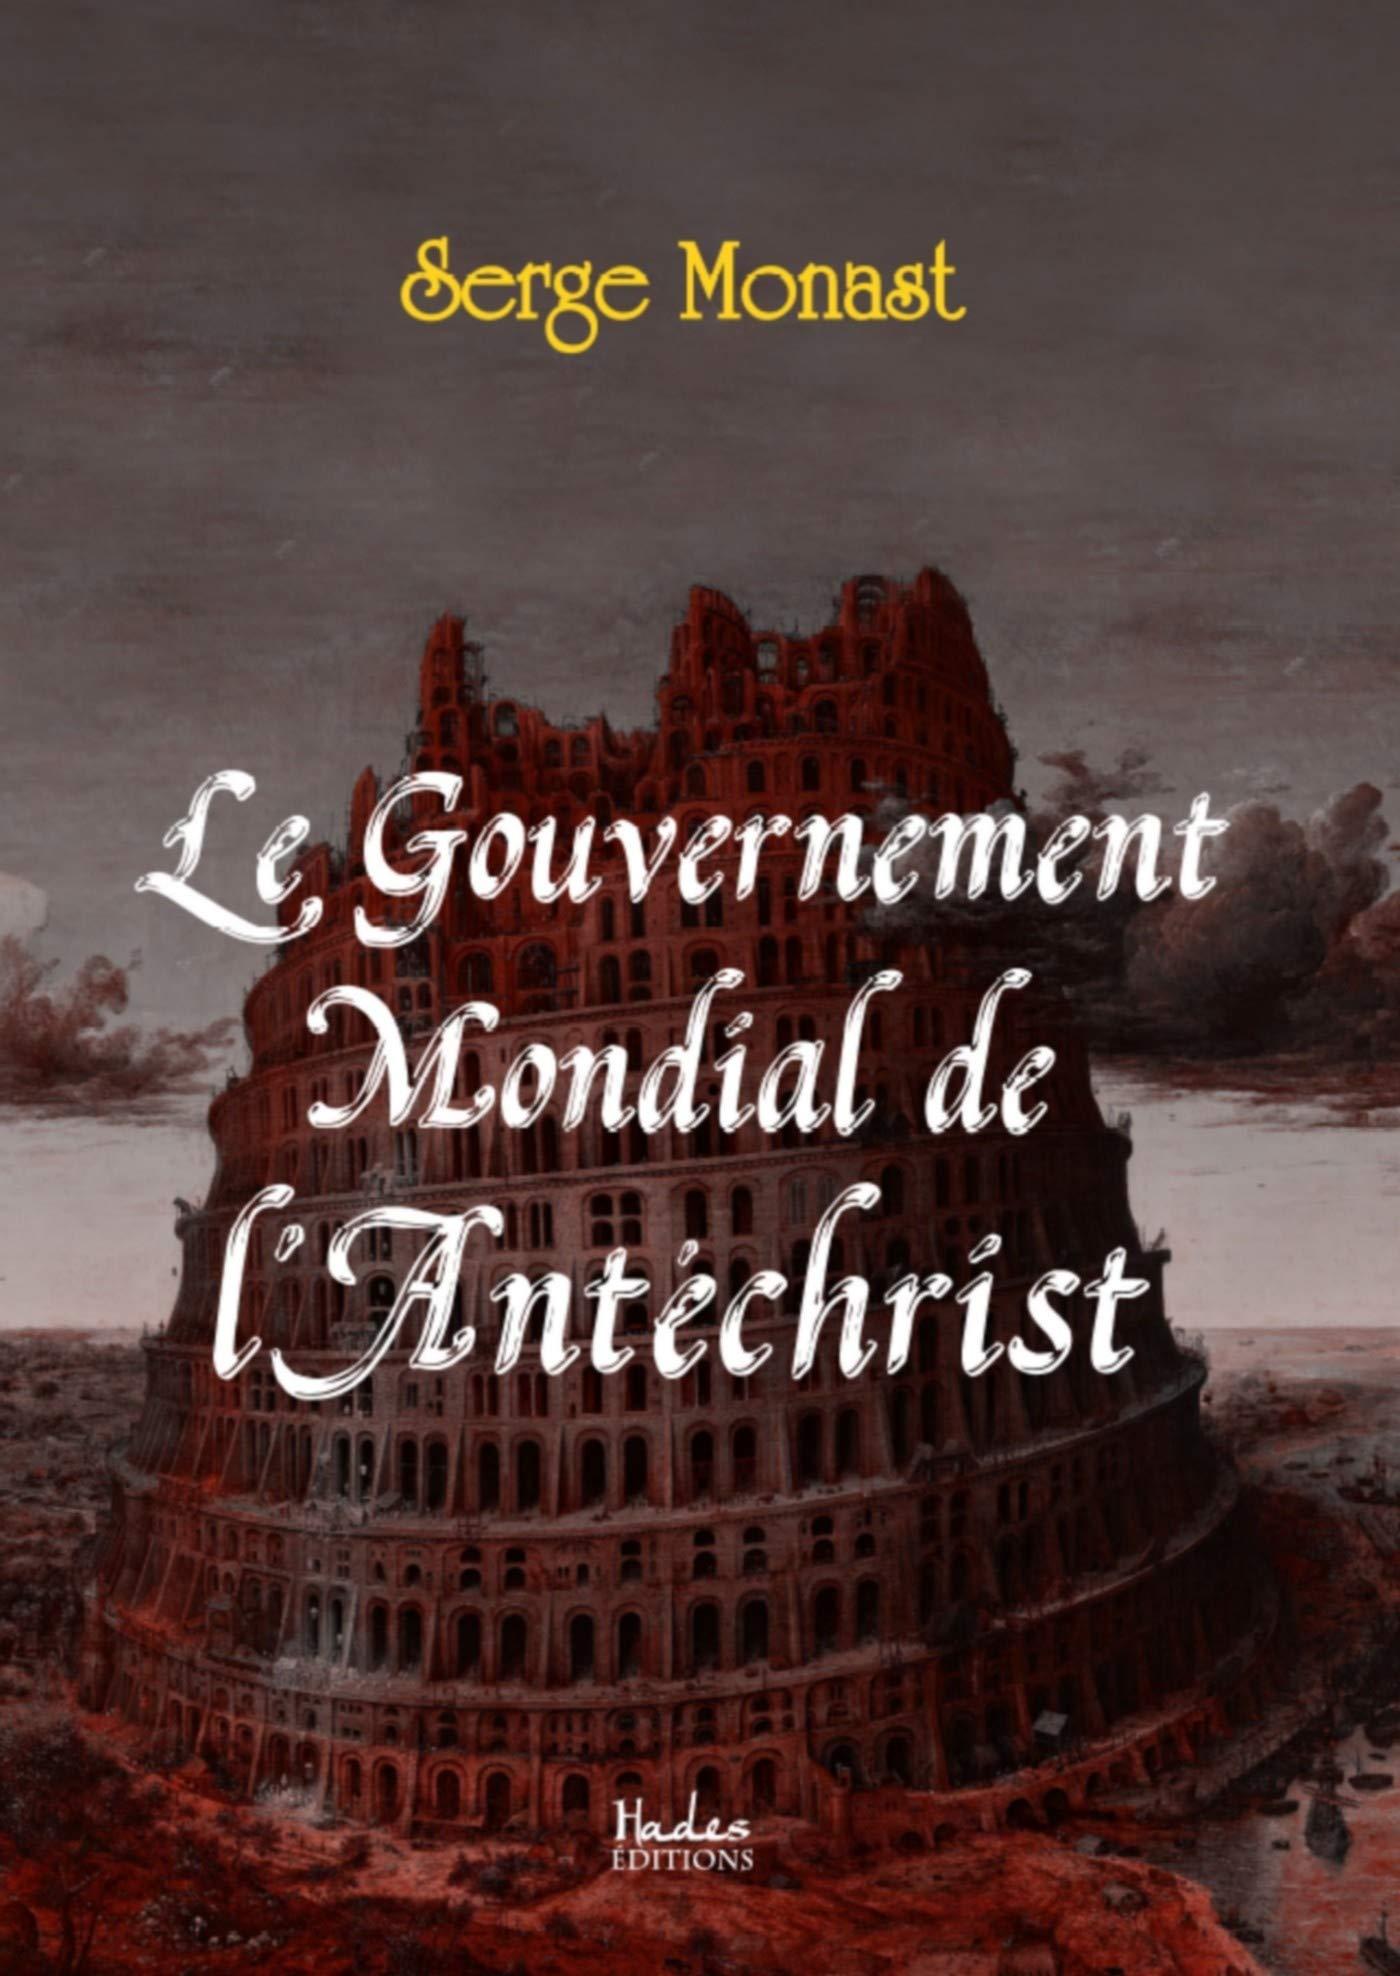 Le gouvernement mondial de l'antéchrist (HAD.SC.POLITIQU) (French Edition):  Monast, Serge: 9791092128116: Amazon.com: Books